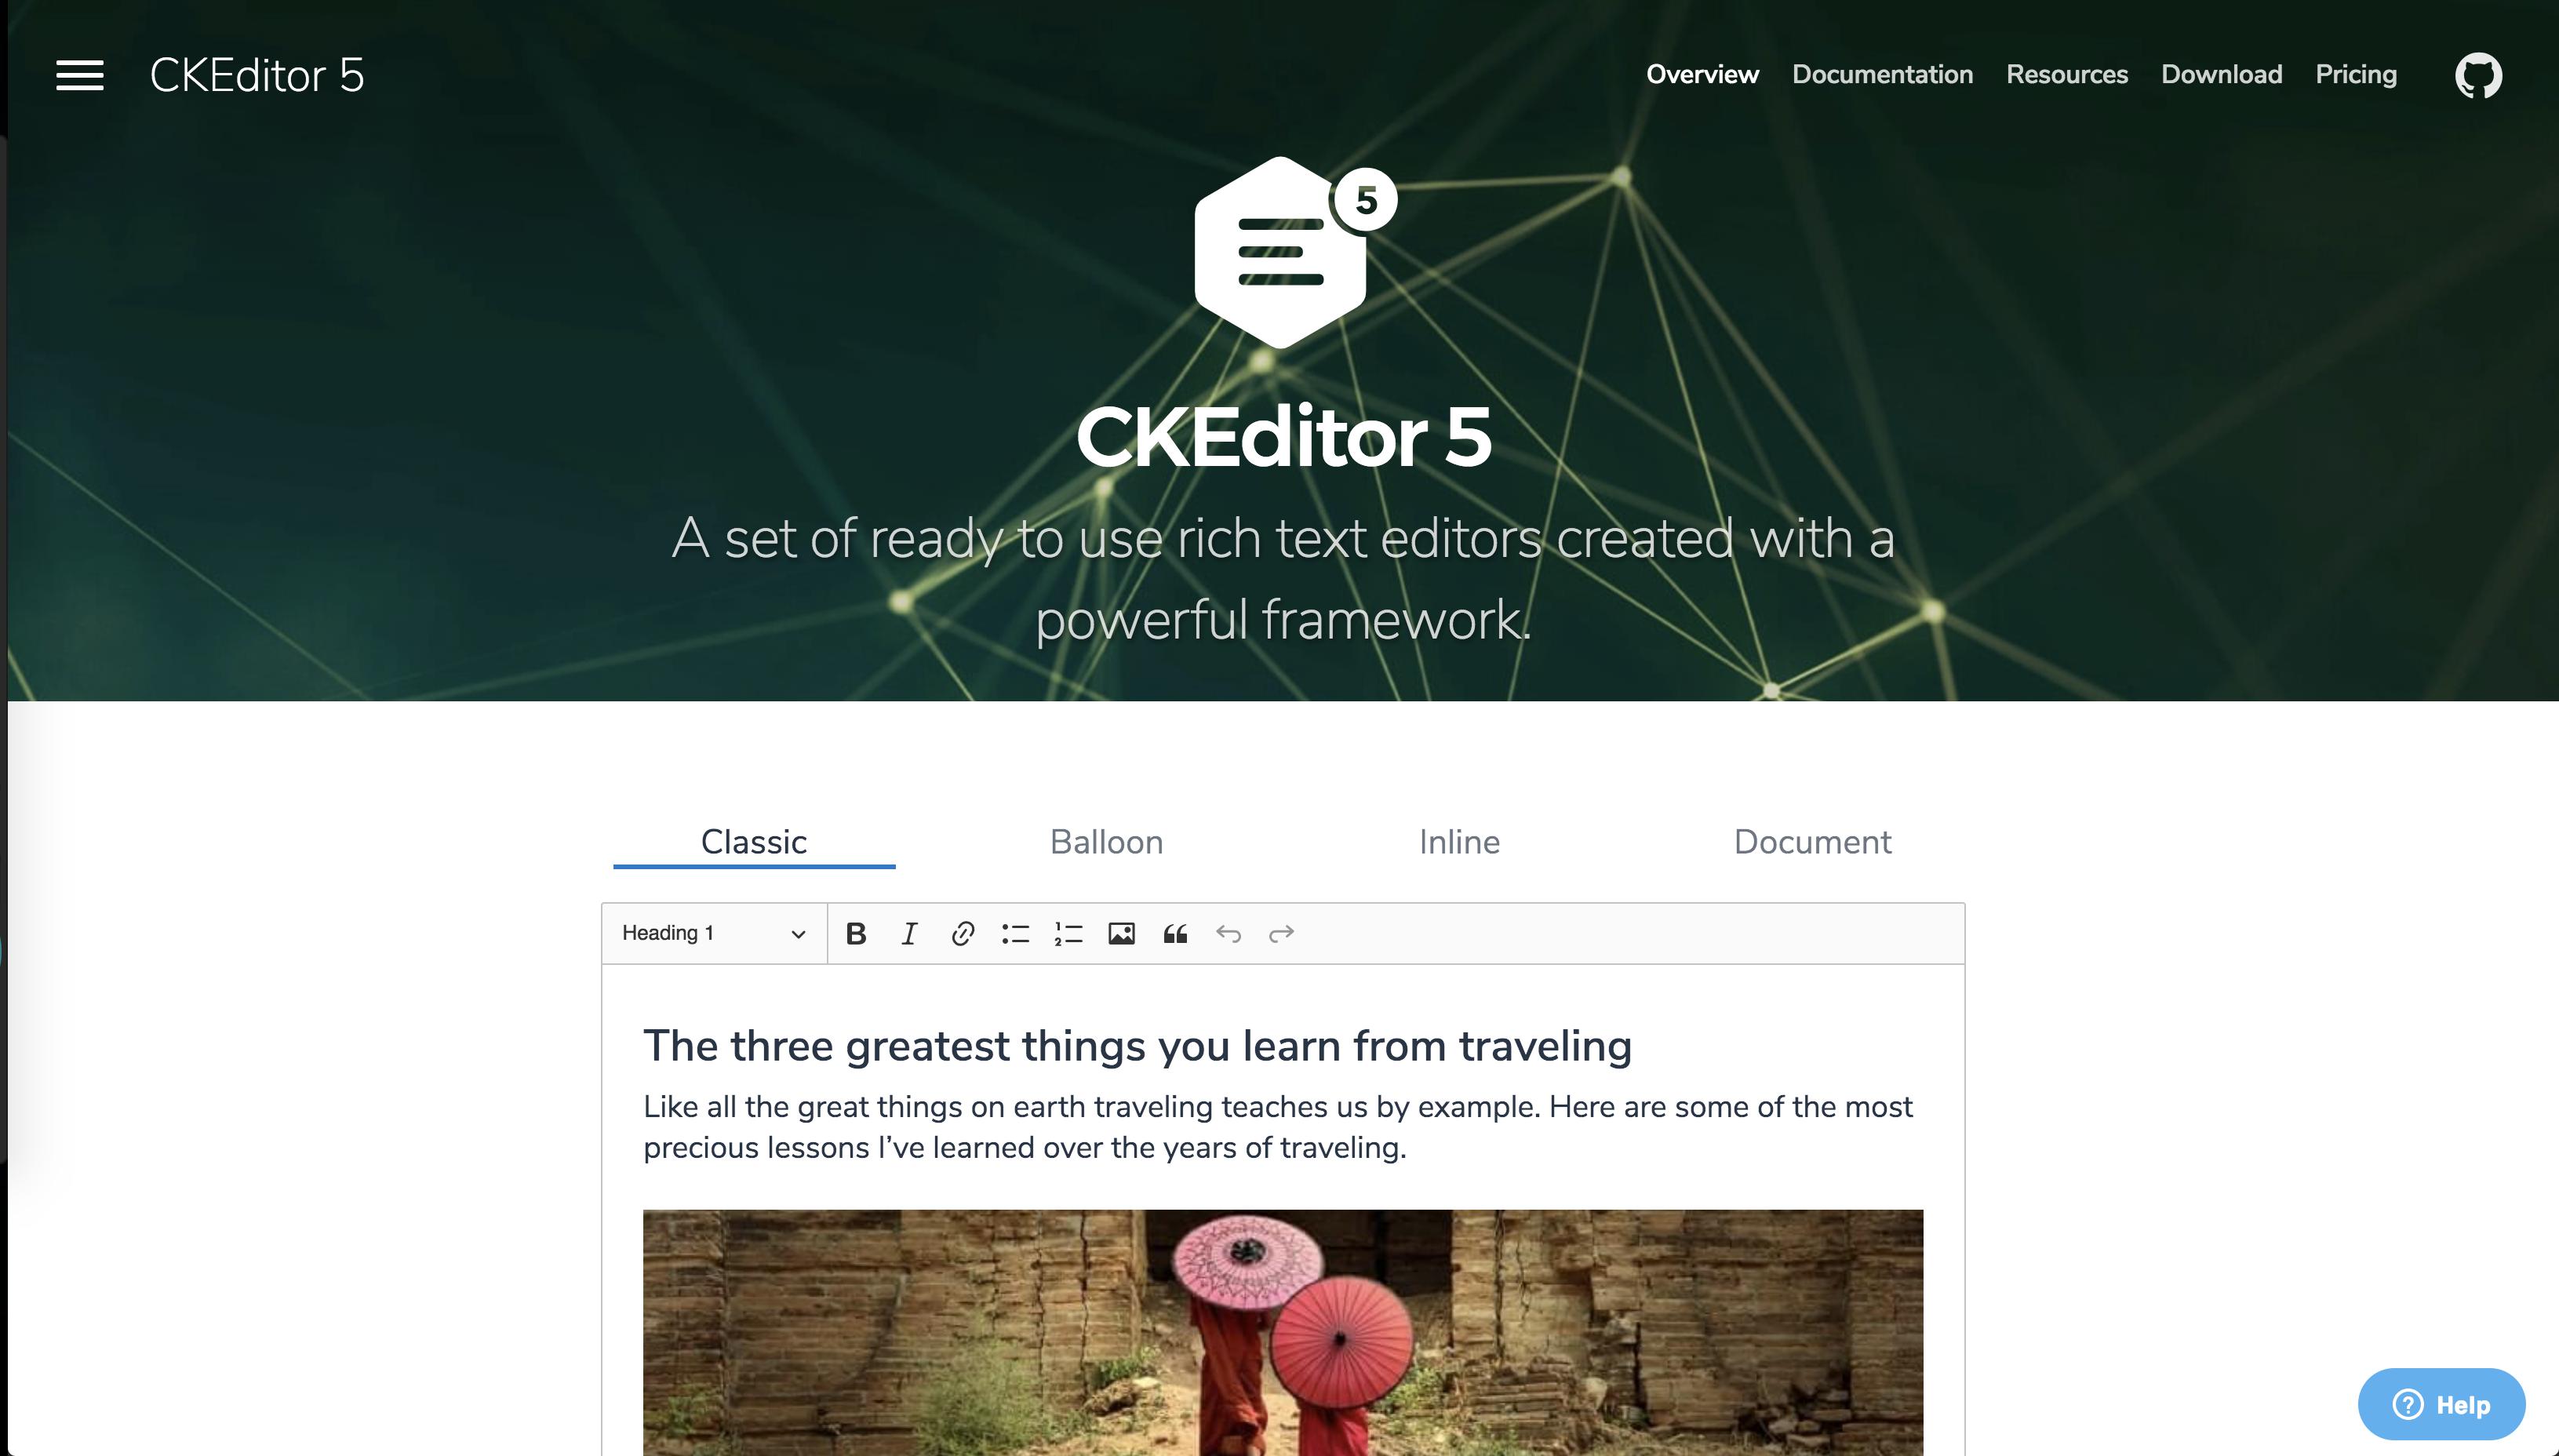 CKEditor 5の画像アップロードを実装する - Qiita